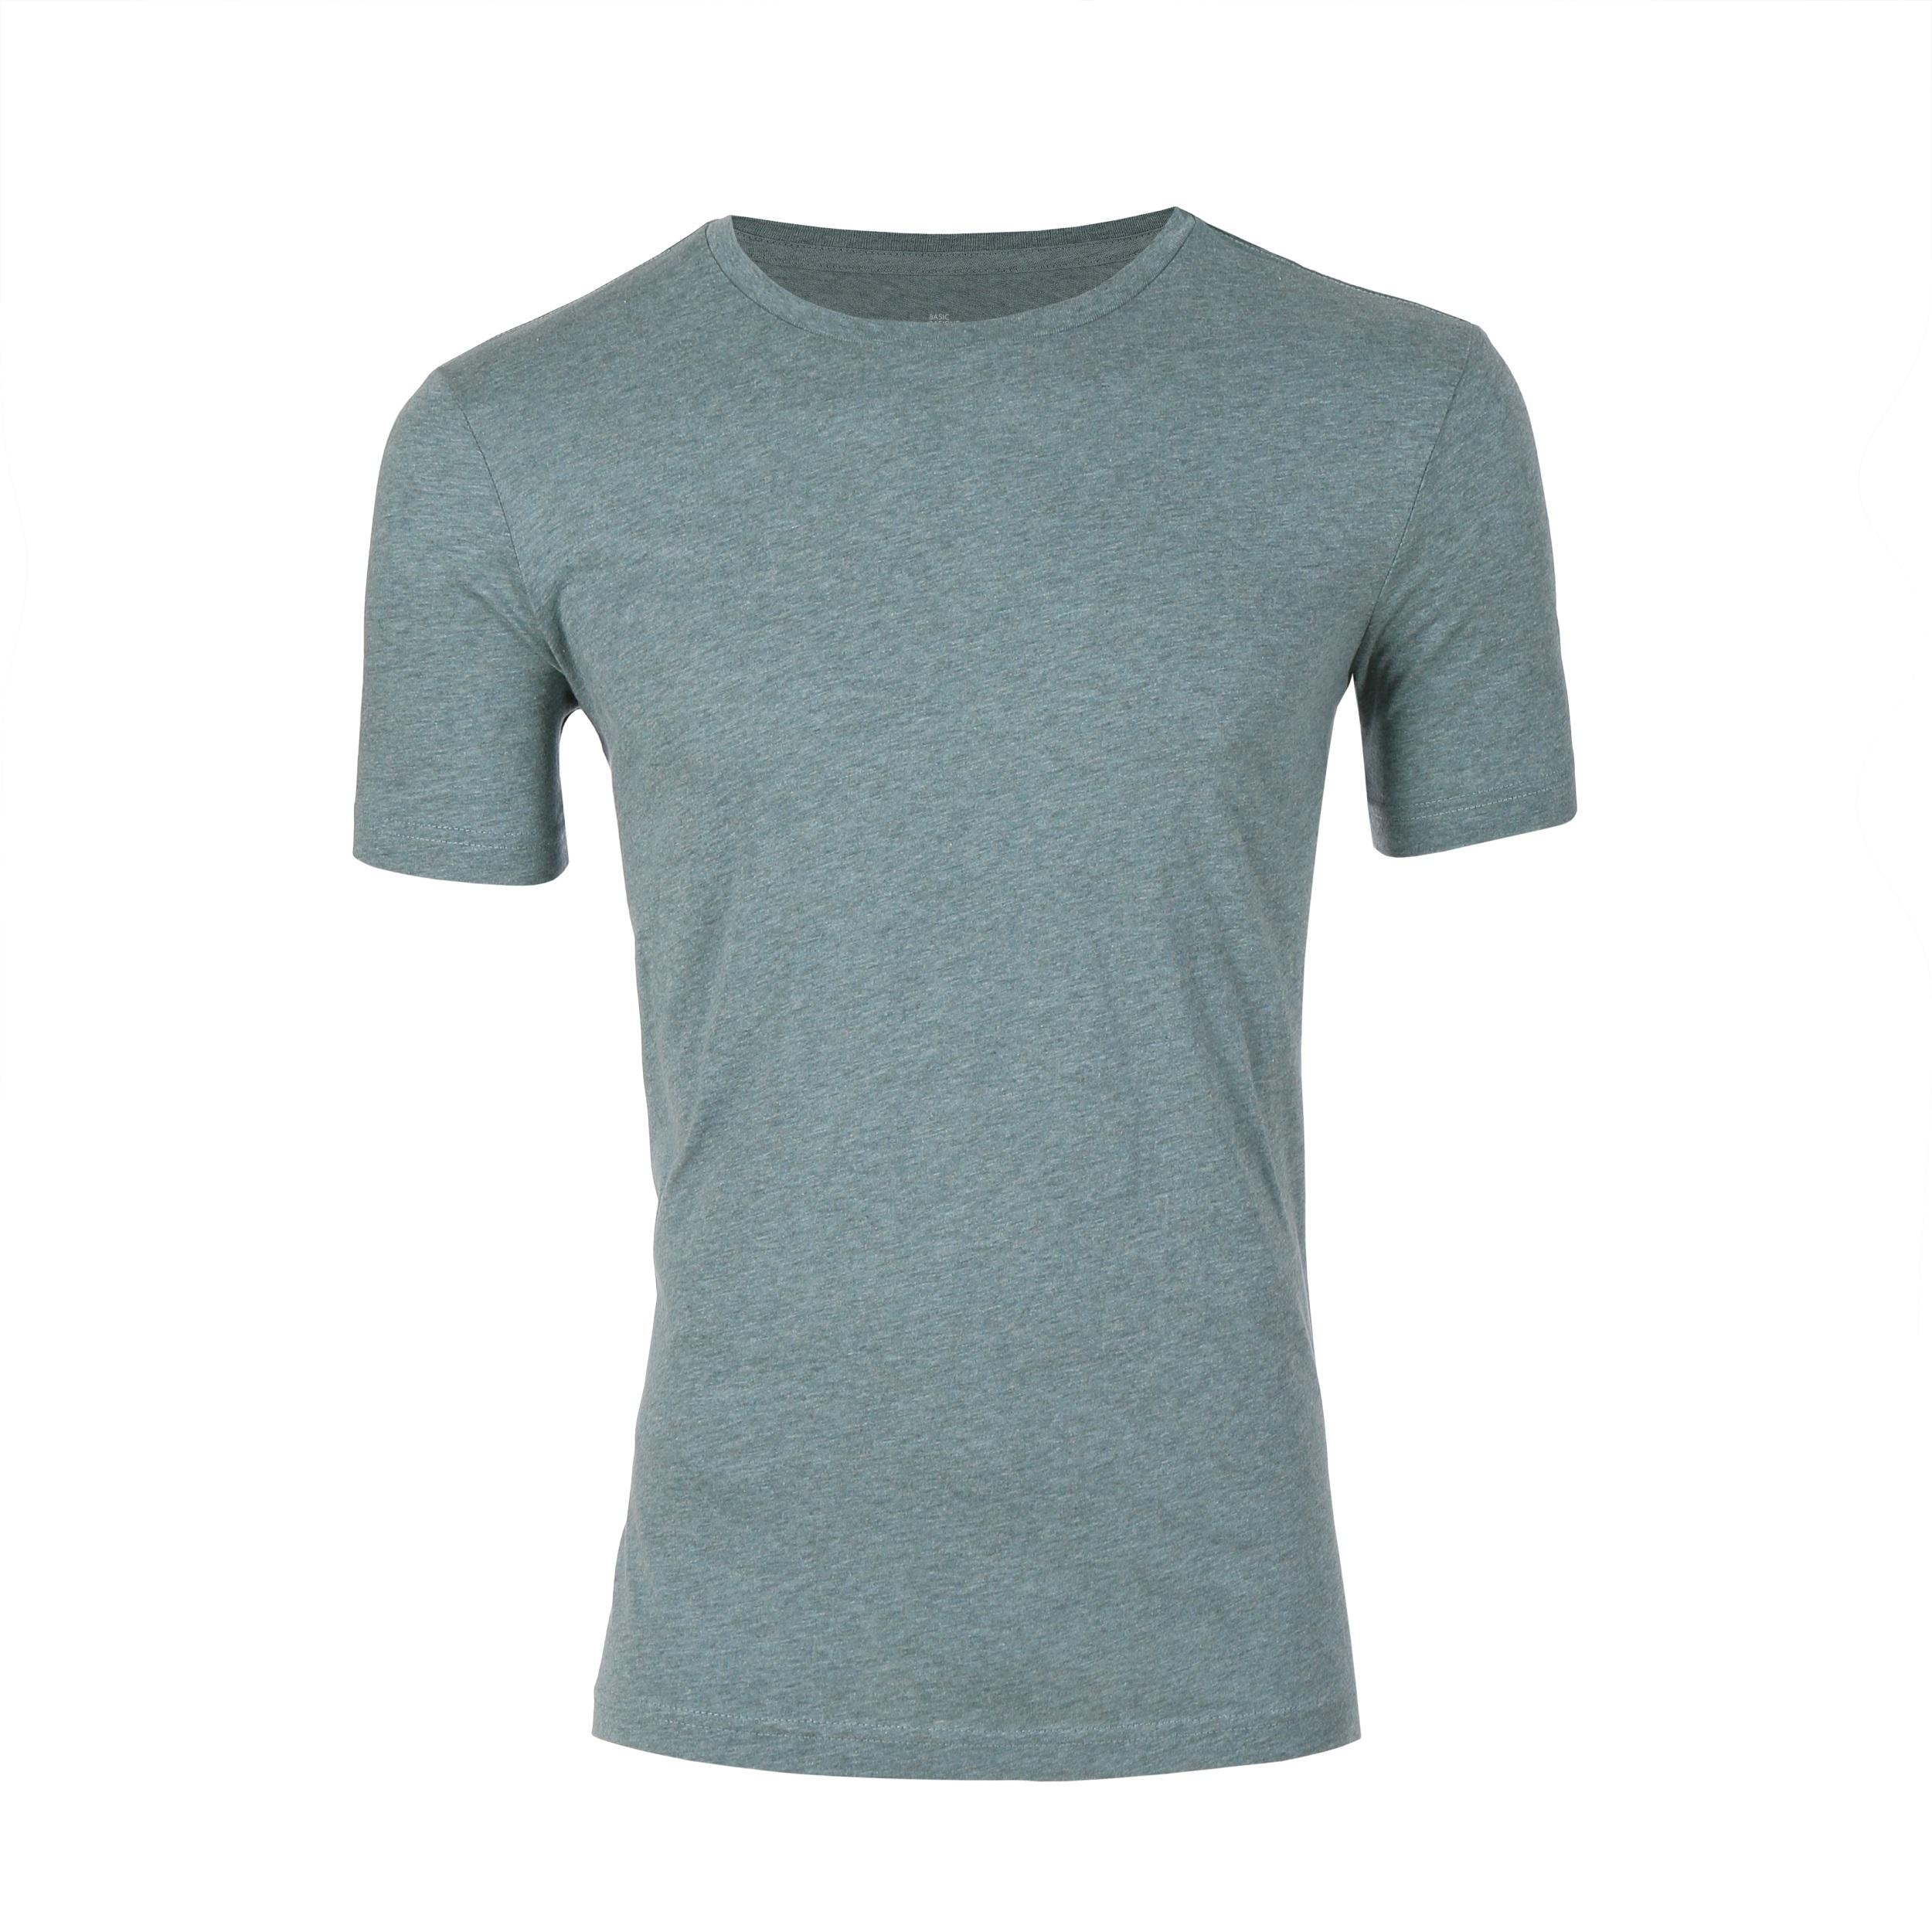 تی شرت مردانه اچ اند ام مدل 0105